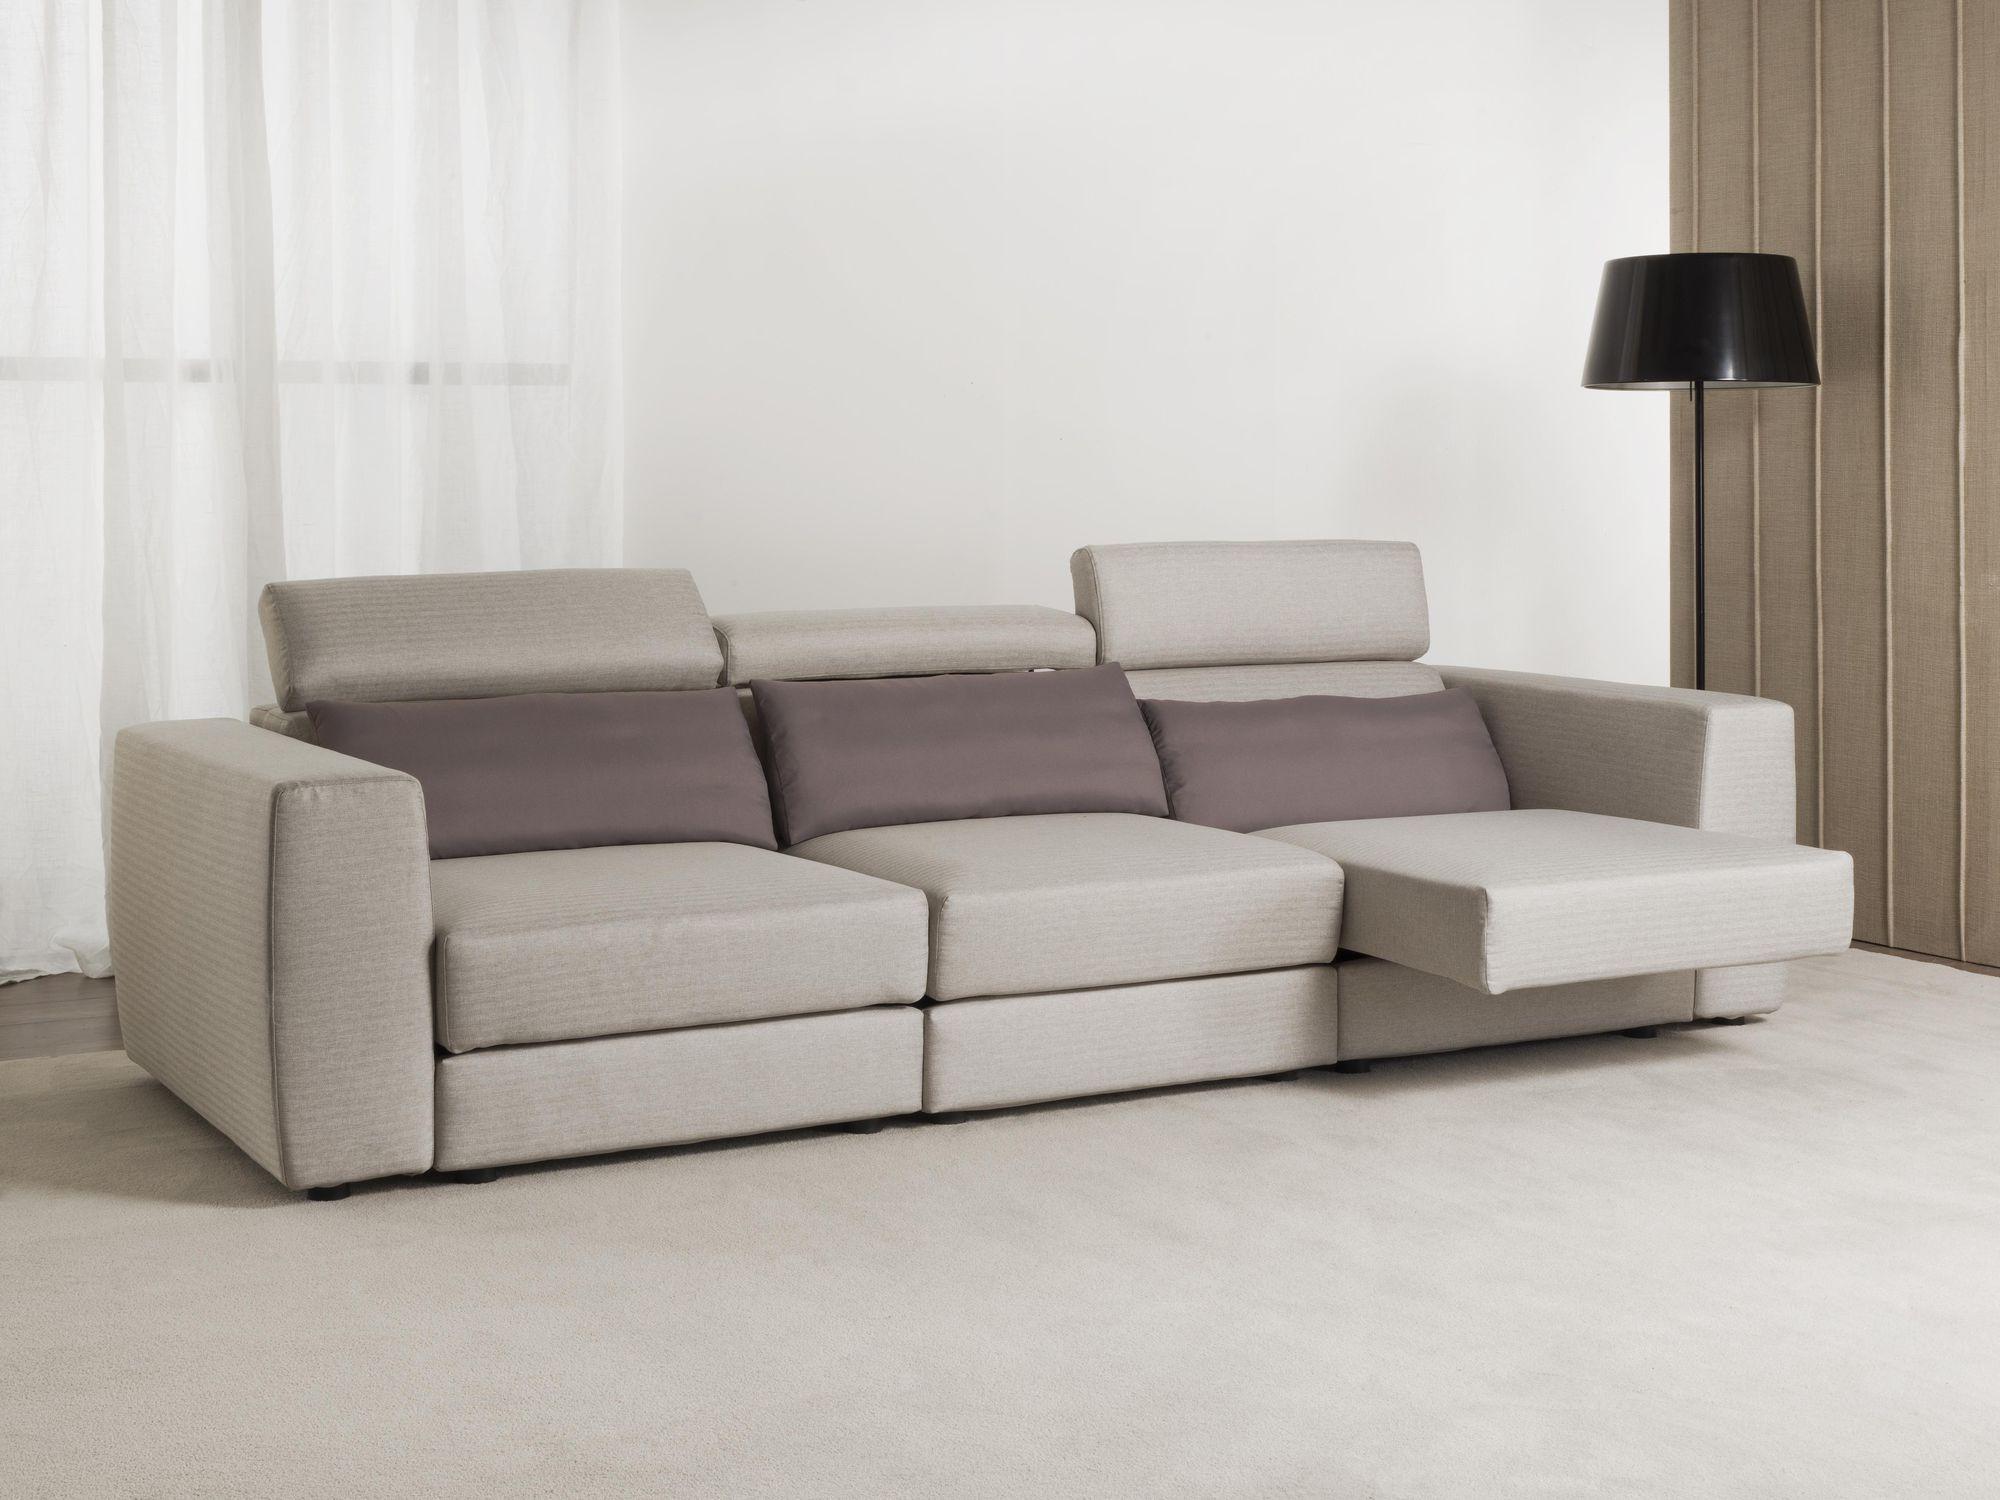 Divano moderno / in tessuto / reclinabile - RELAX - Divani ...